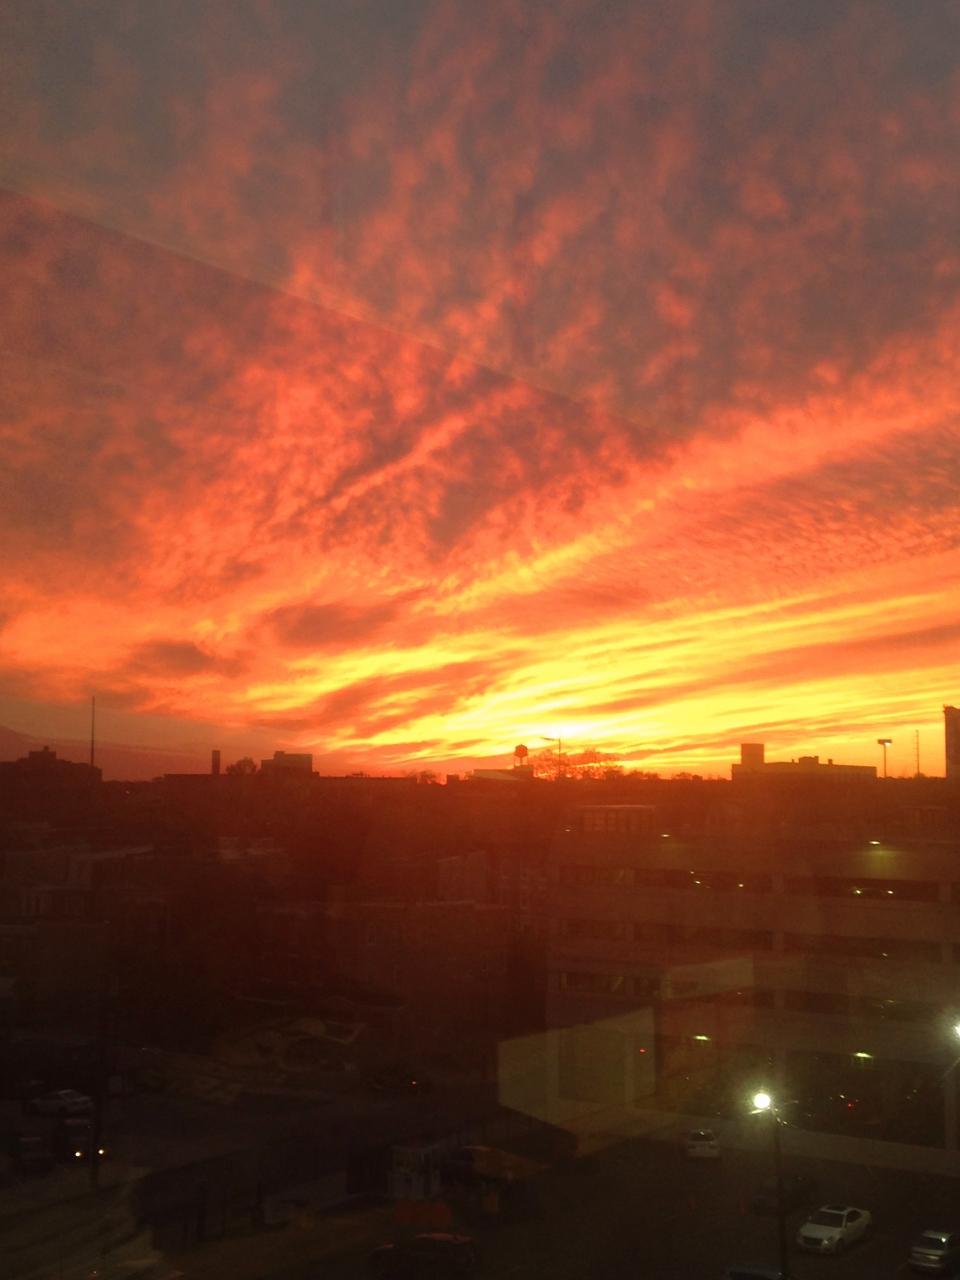 foto al tramonto in Un tramonto infuocato sopra il cielo di Filadefia USA